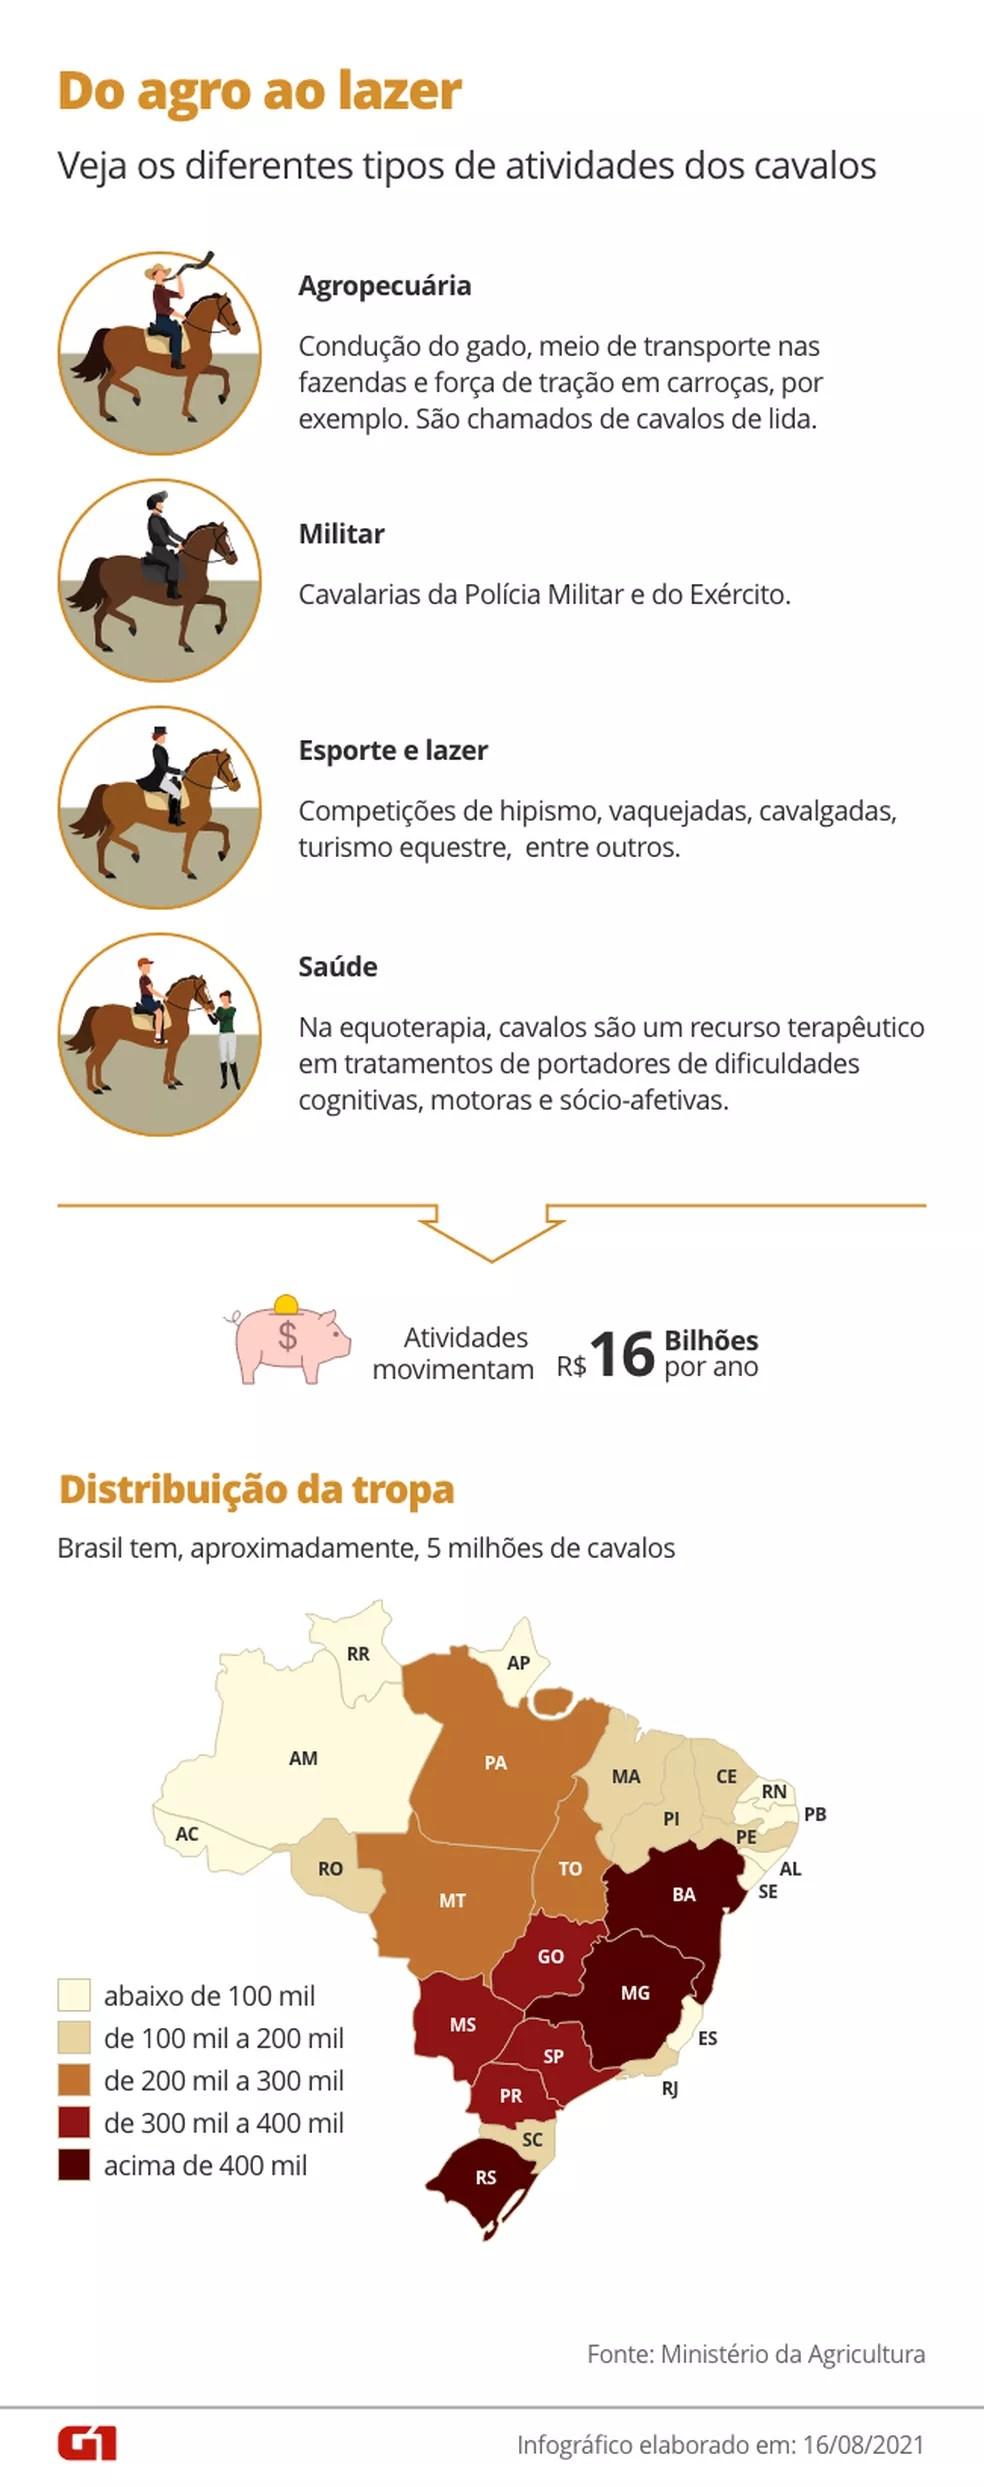 Atividades compostas por cavalos movimentam cerca de R$ 16 bilhões — Foto: Arte/G1